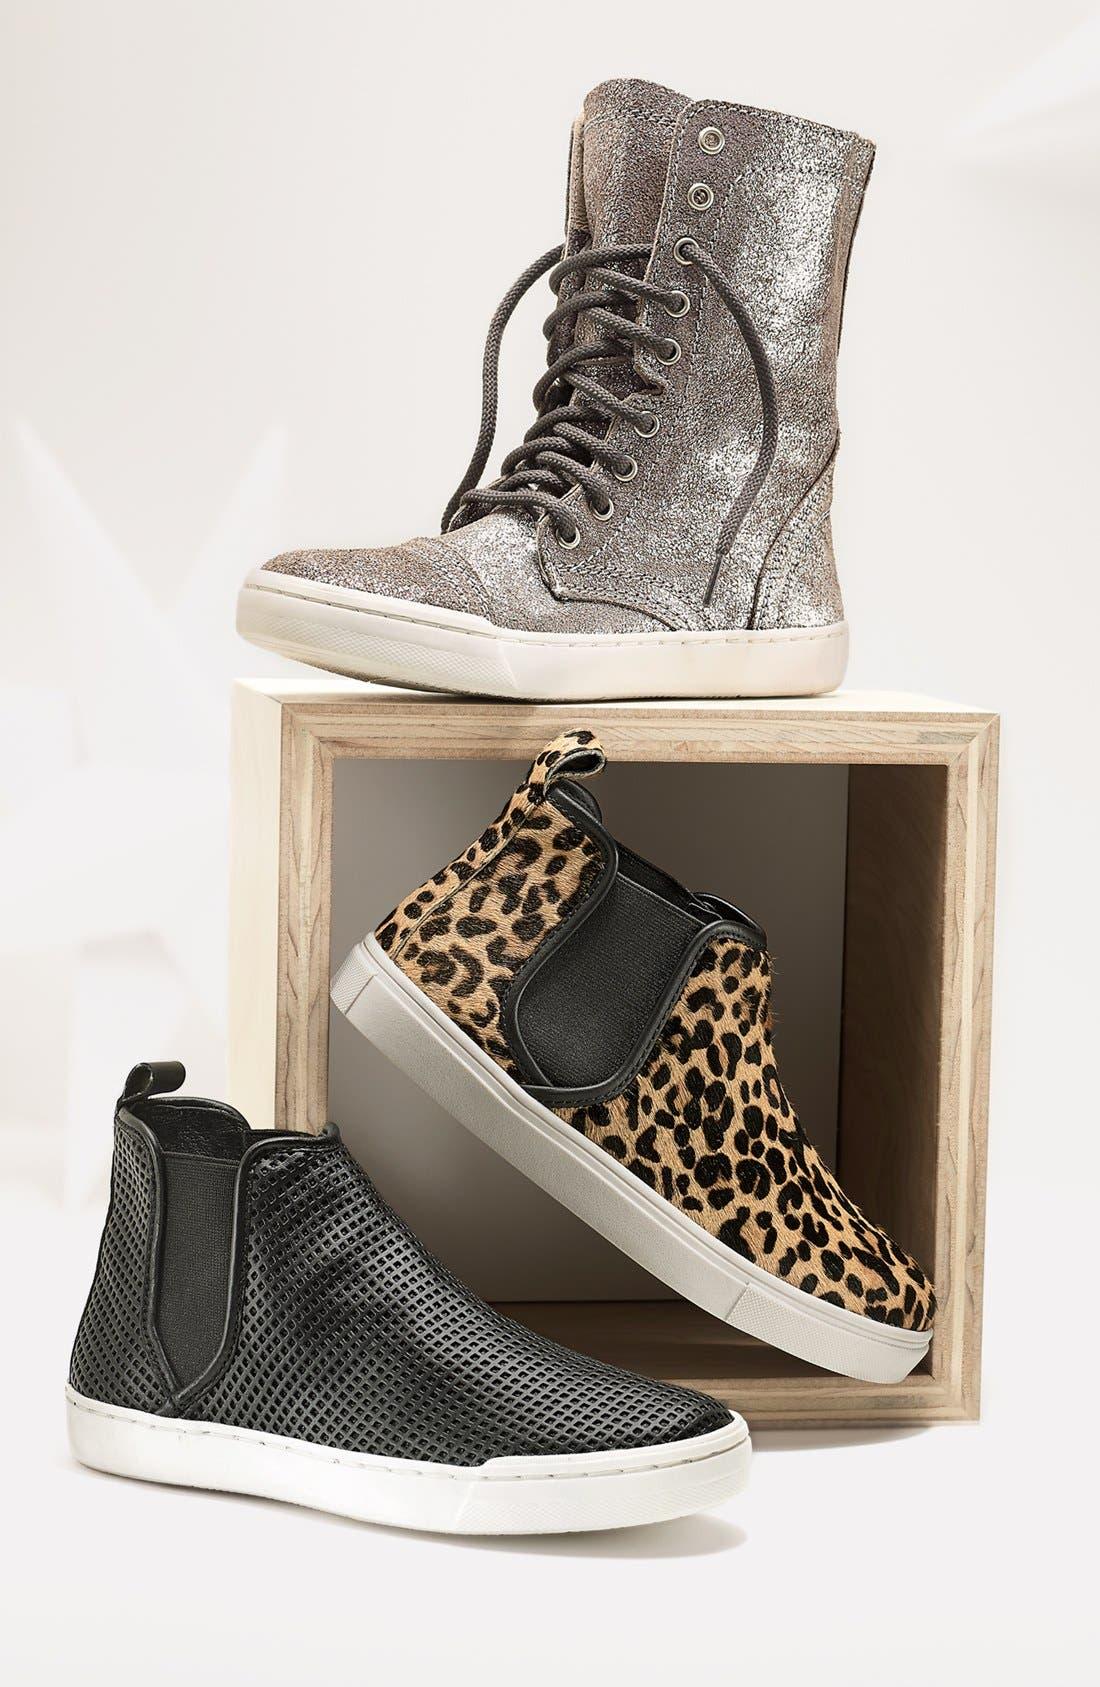 Steve Madden 'Elvinn' Leopard High Top